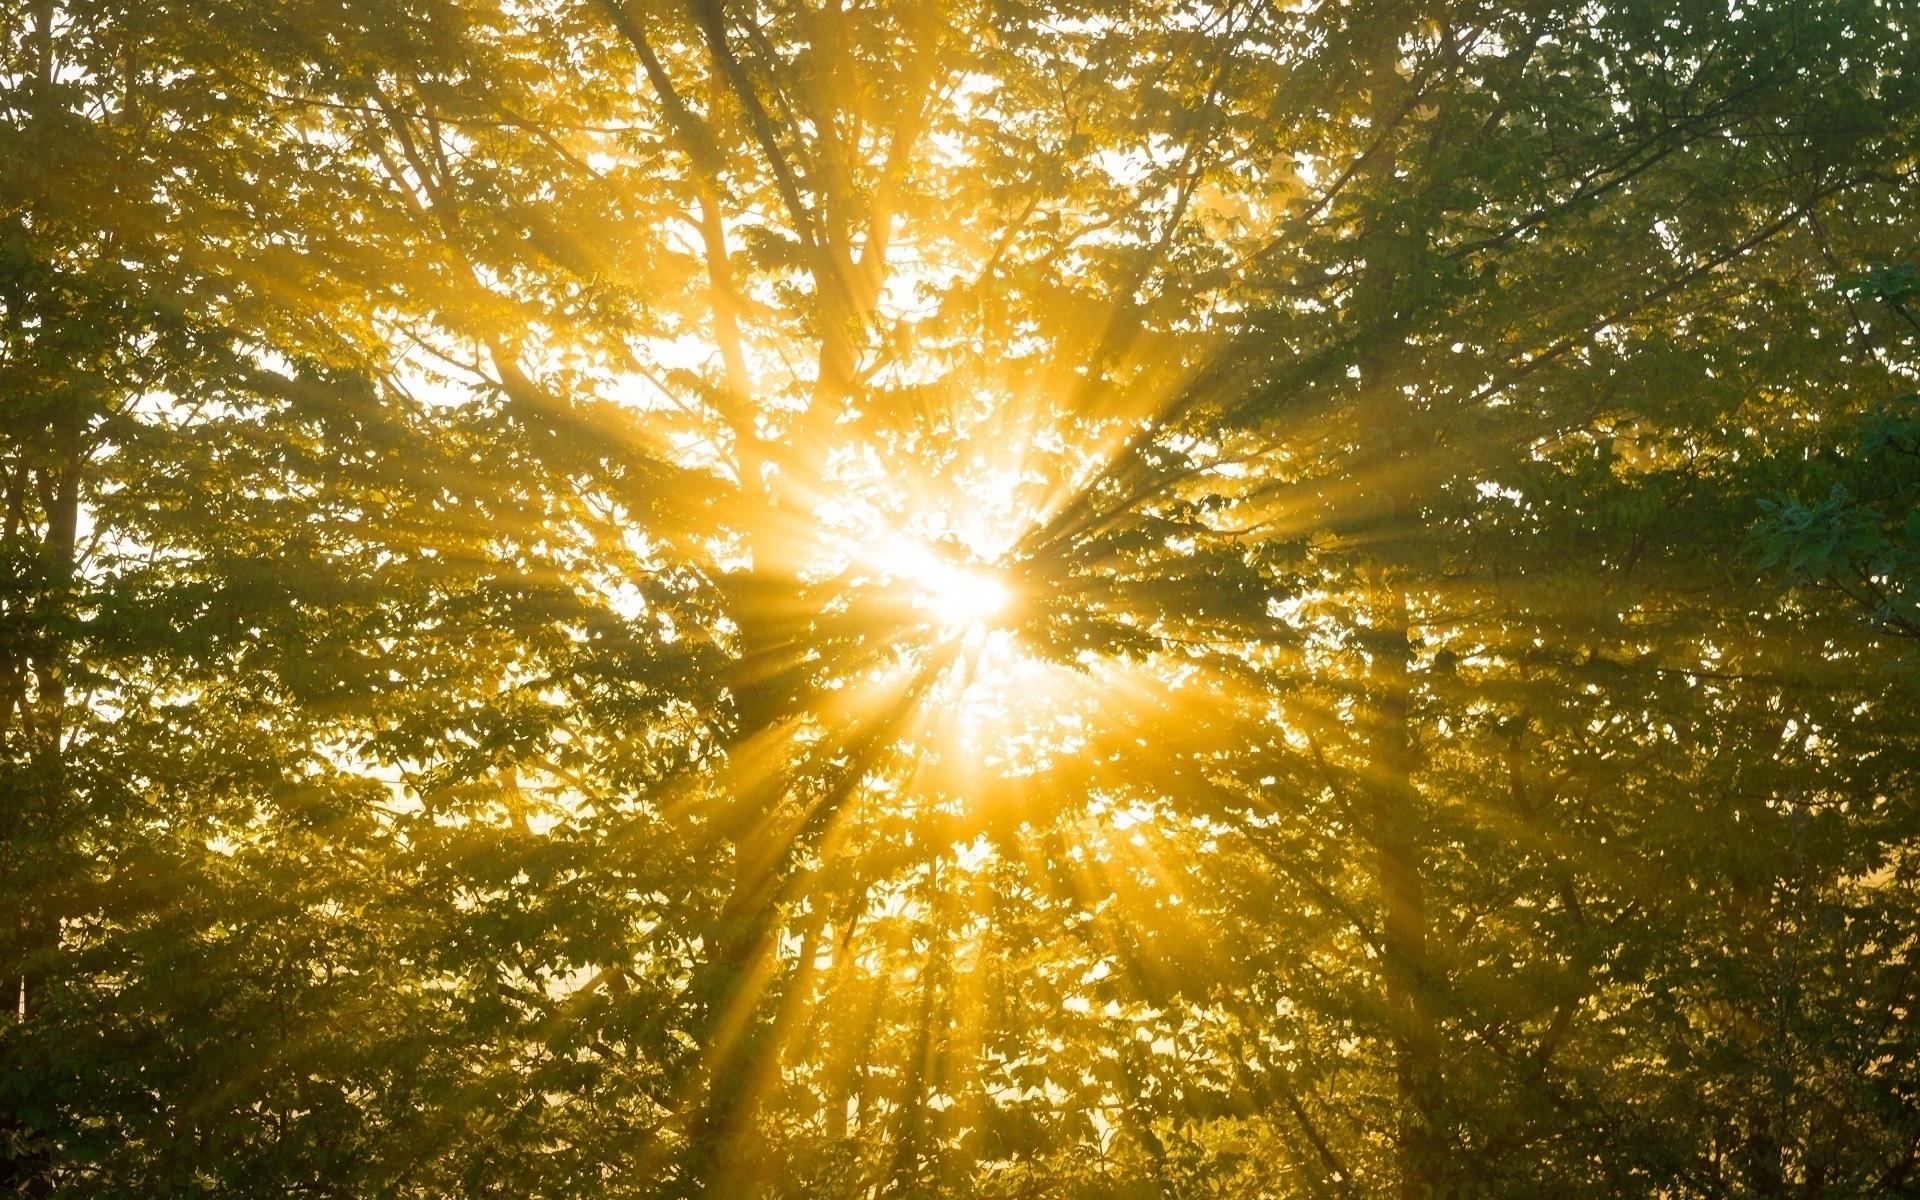 анимационные картинки солнышко сияет природа или иные